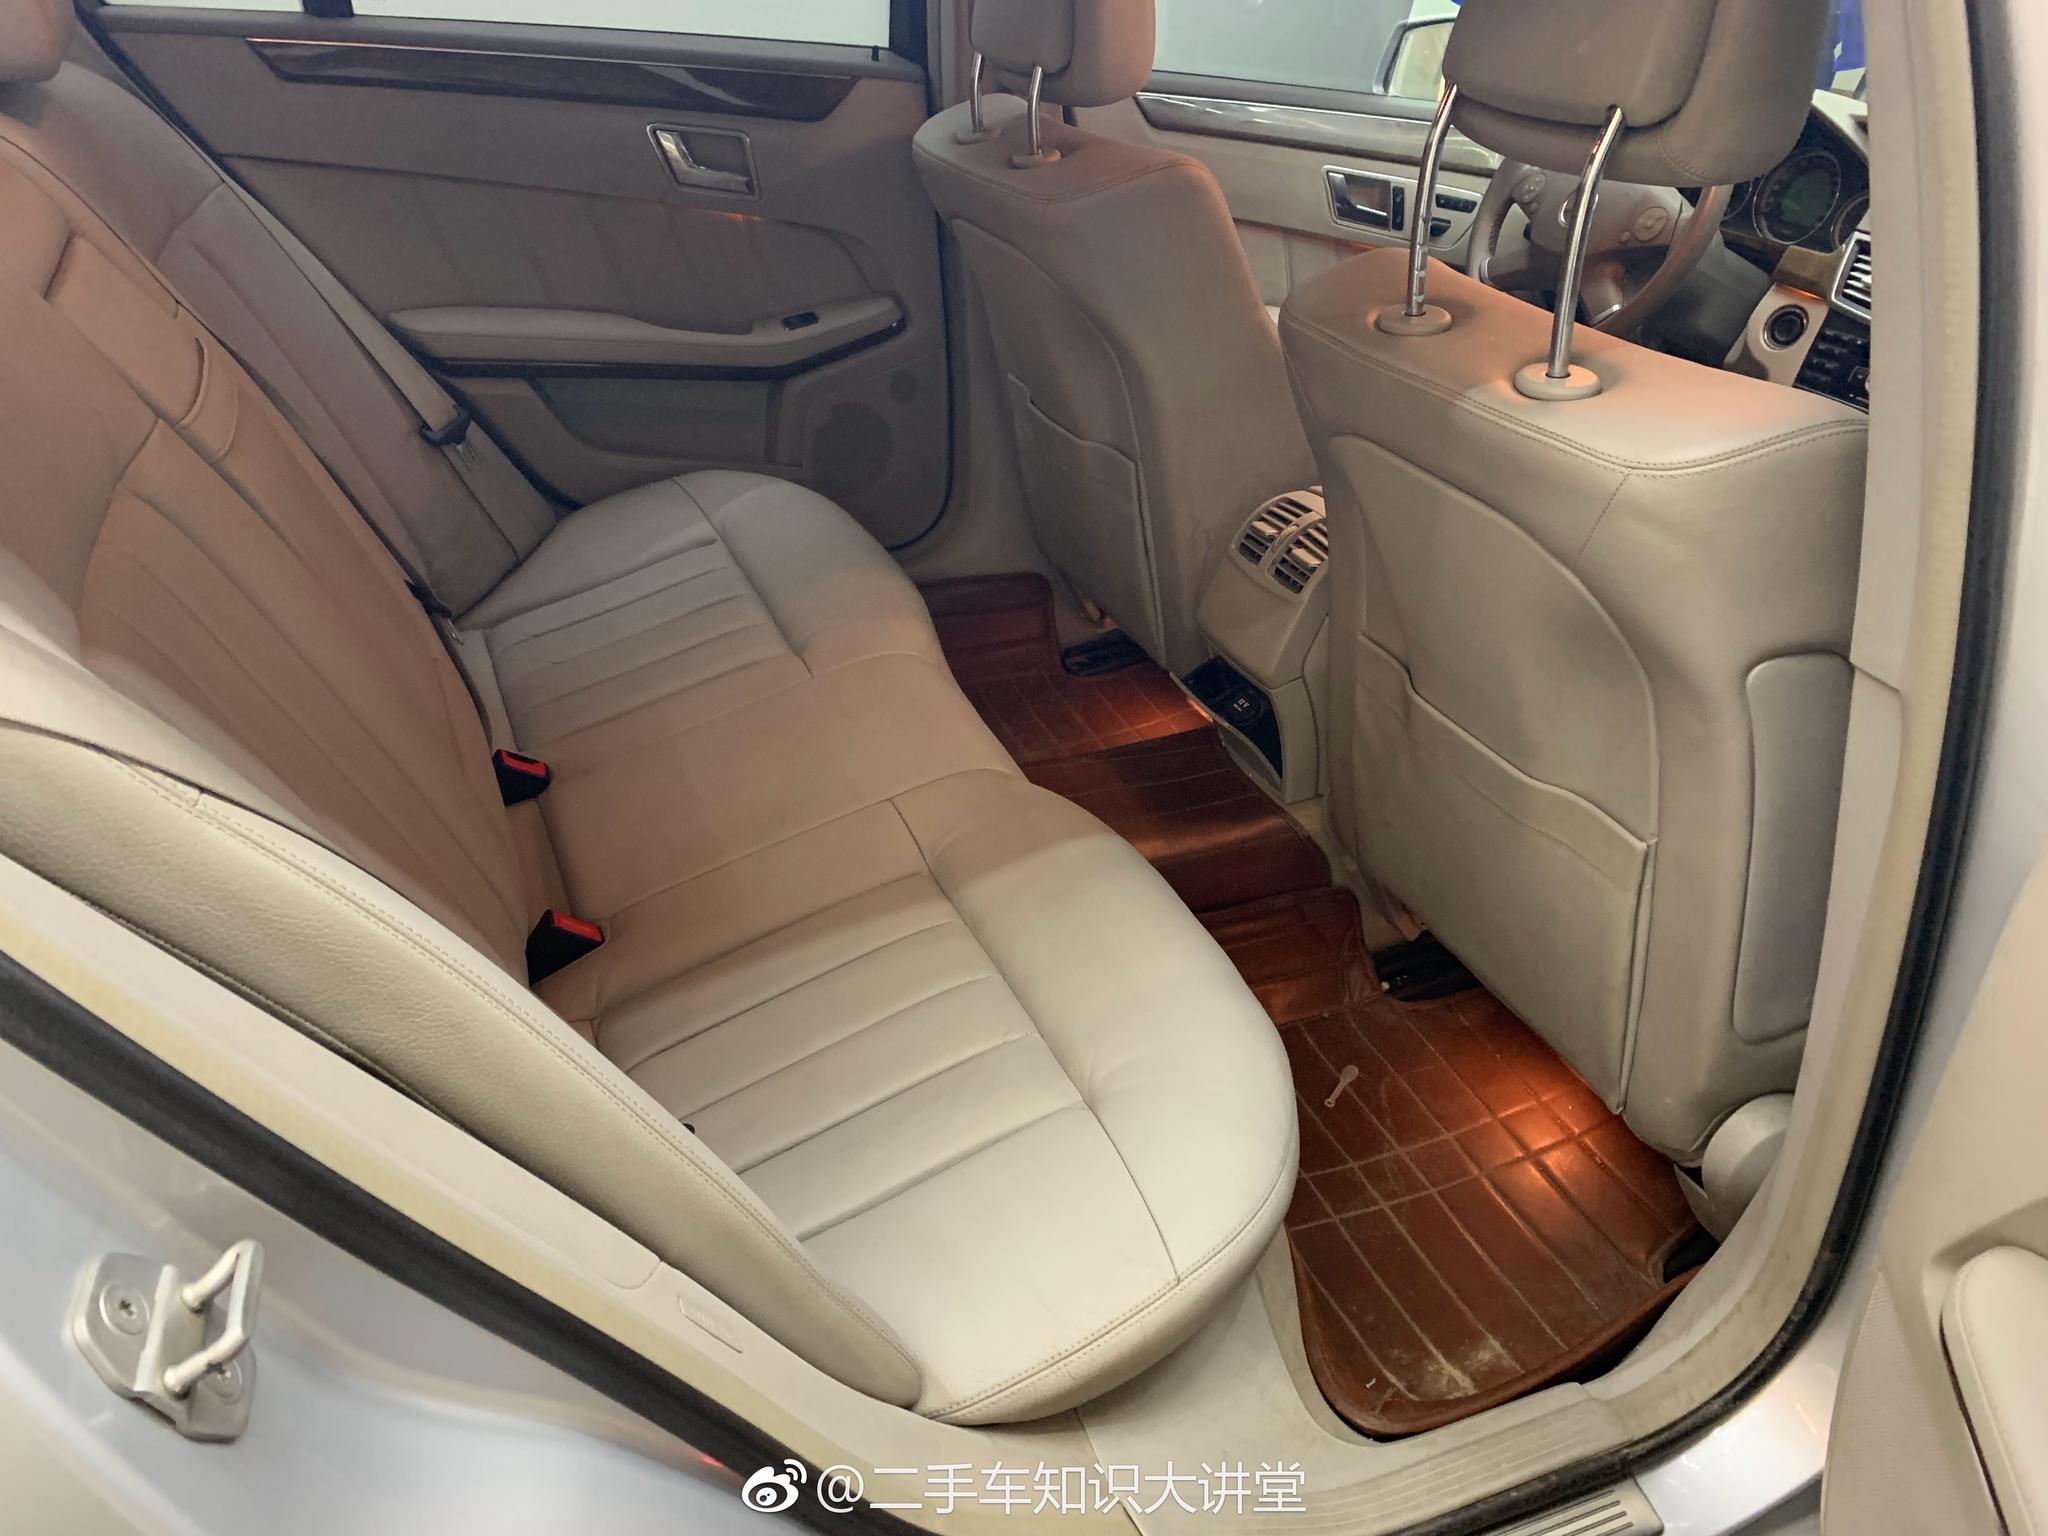 新到一台奔驰E200,进口版,10年11月上牌,0过户,11万公里